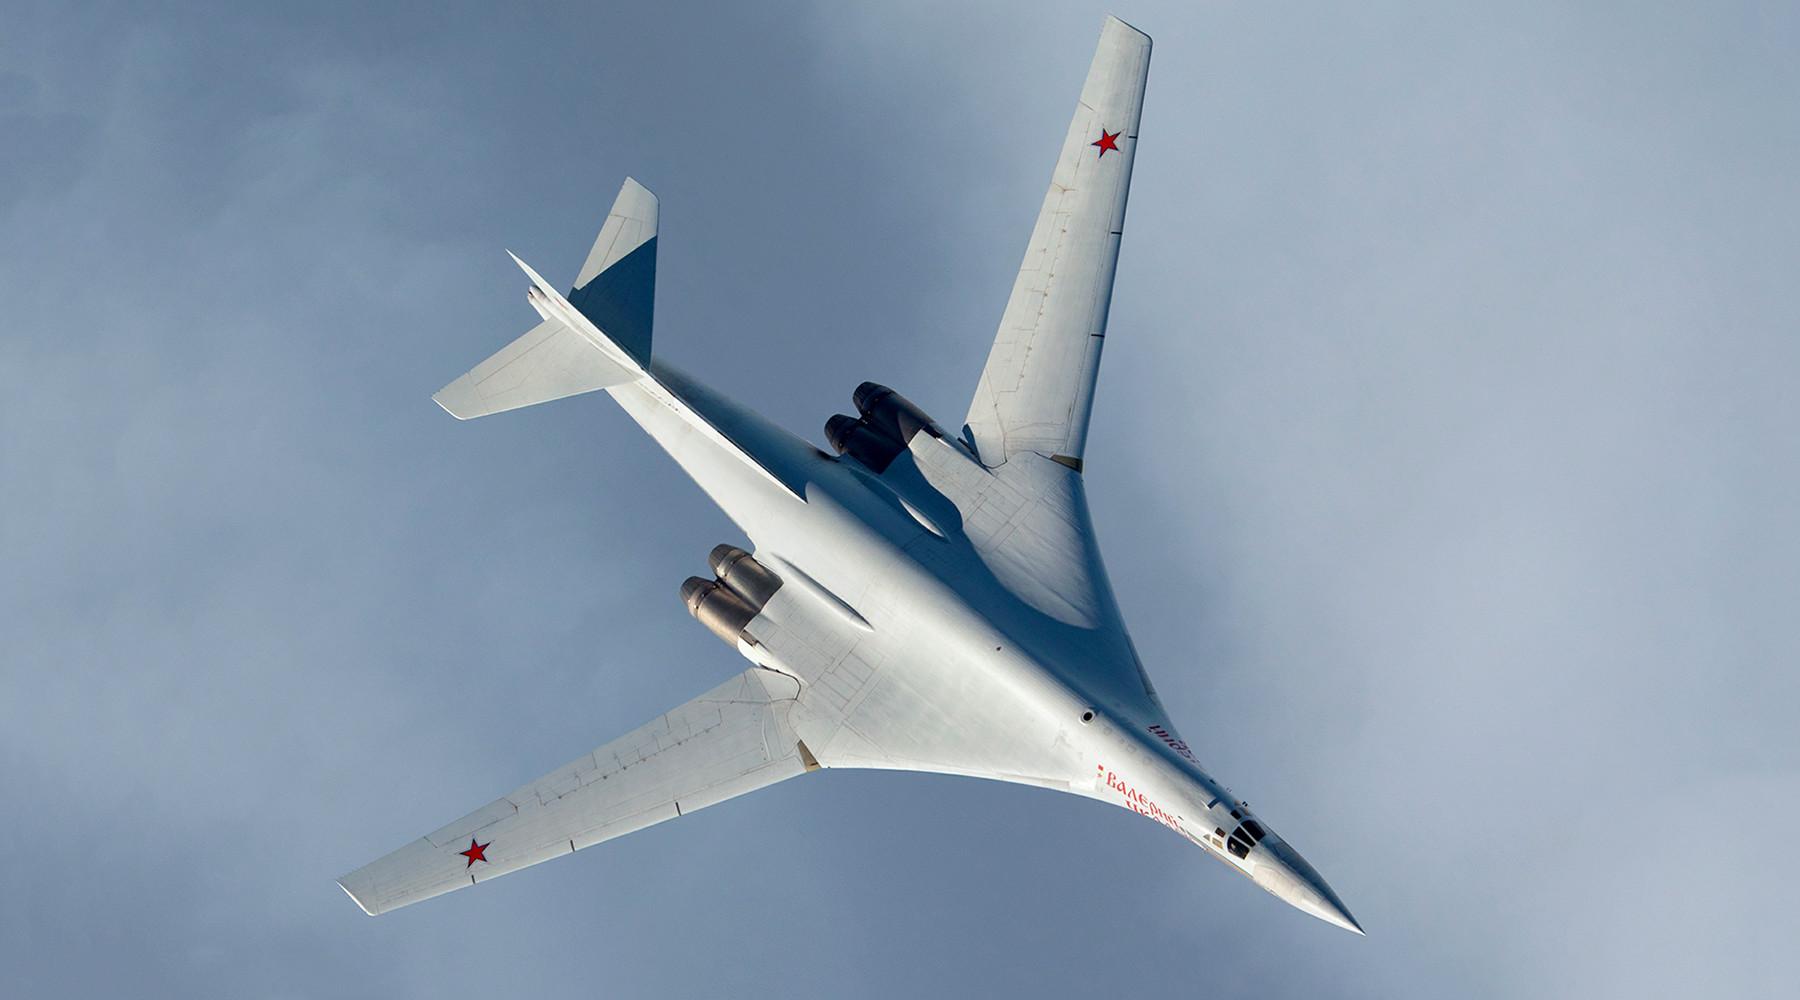 как Минобороны возрождает производство легендарного бомбардировщика Ту-160